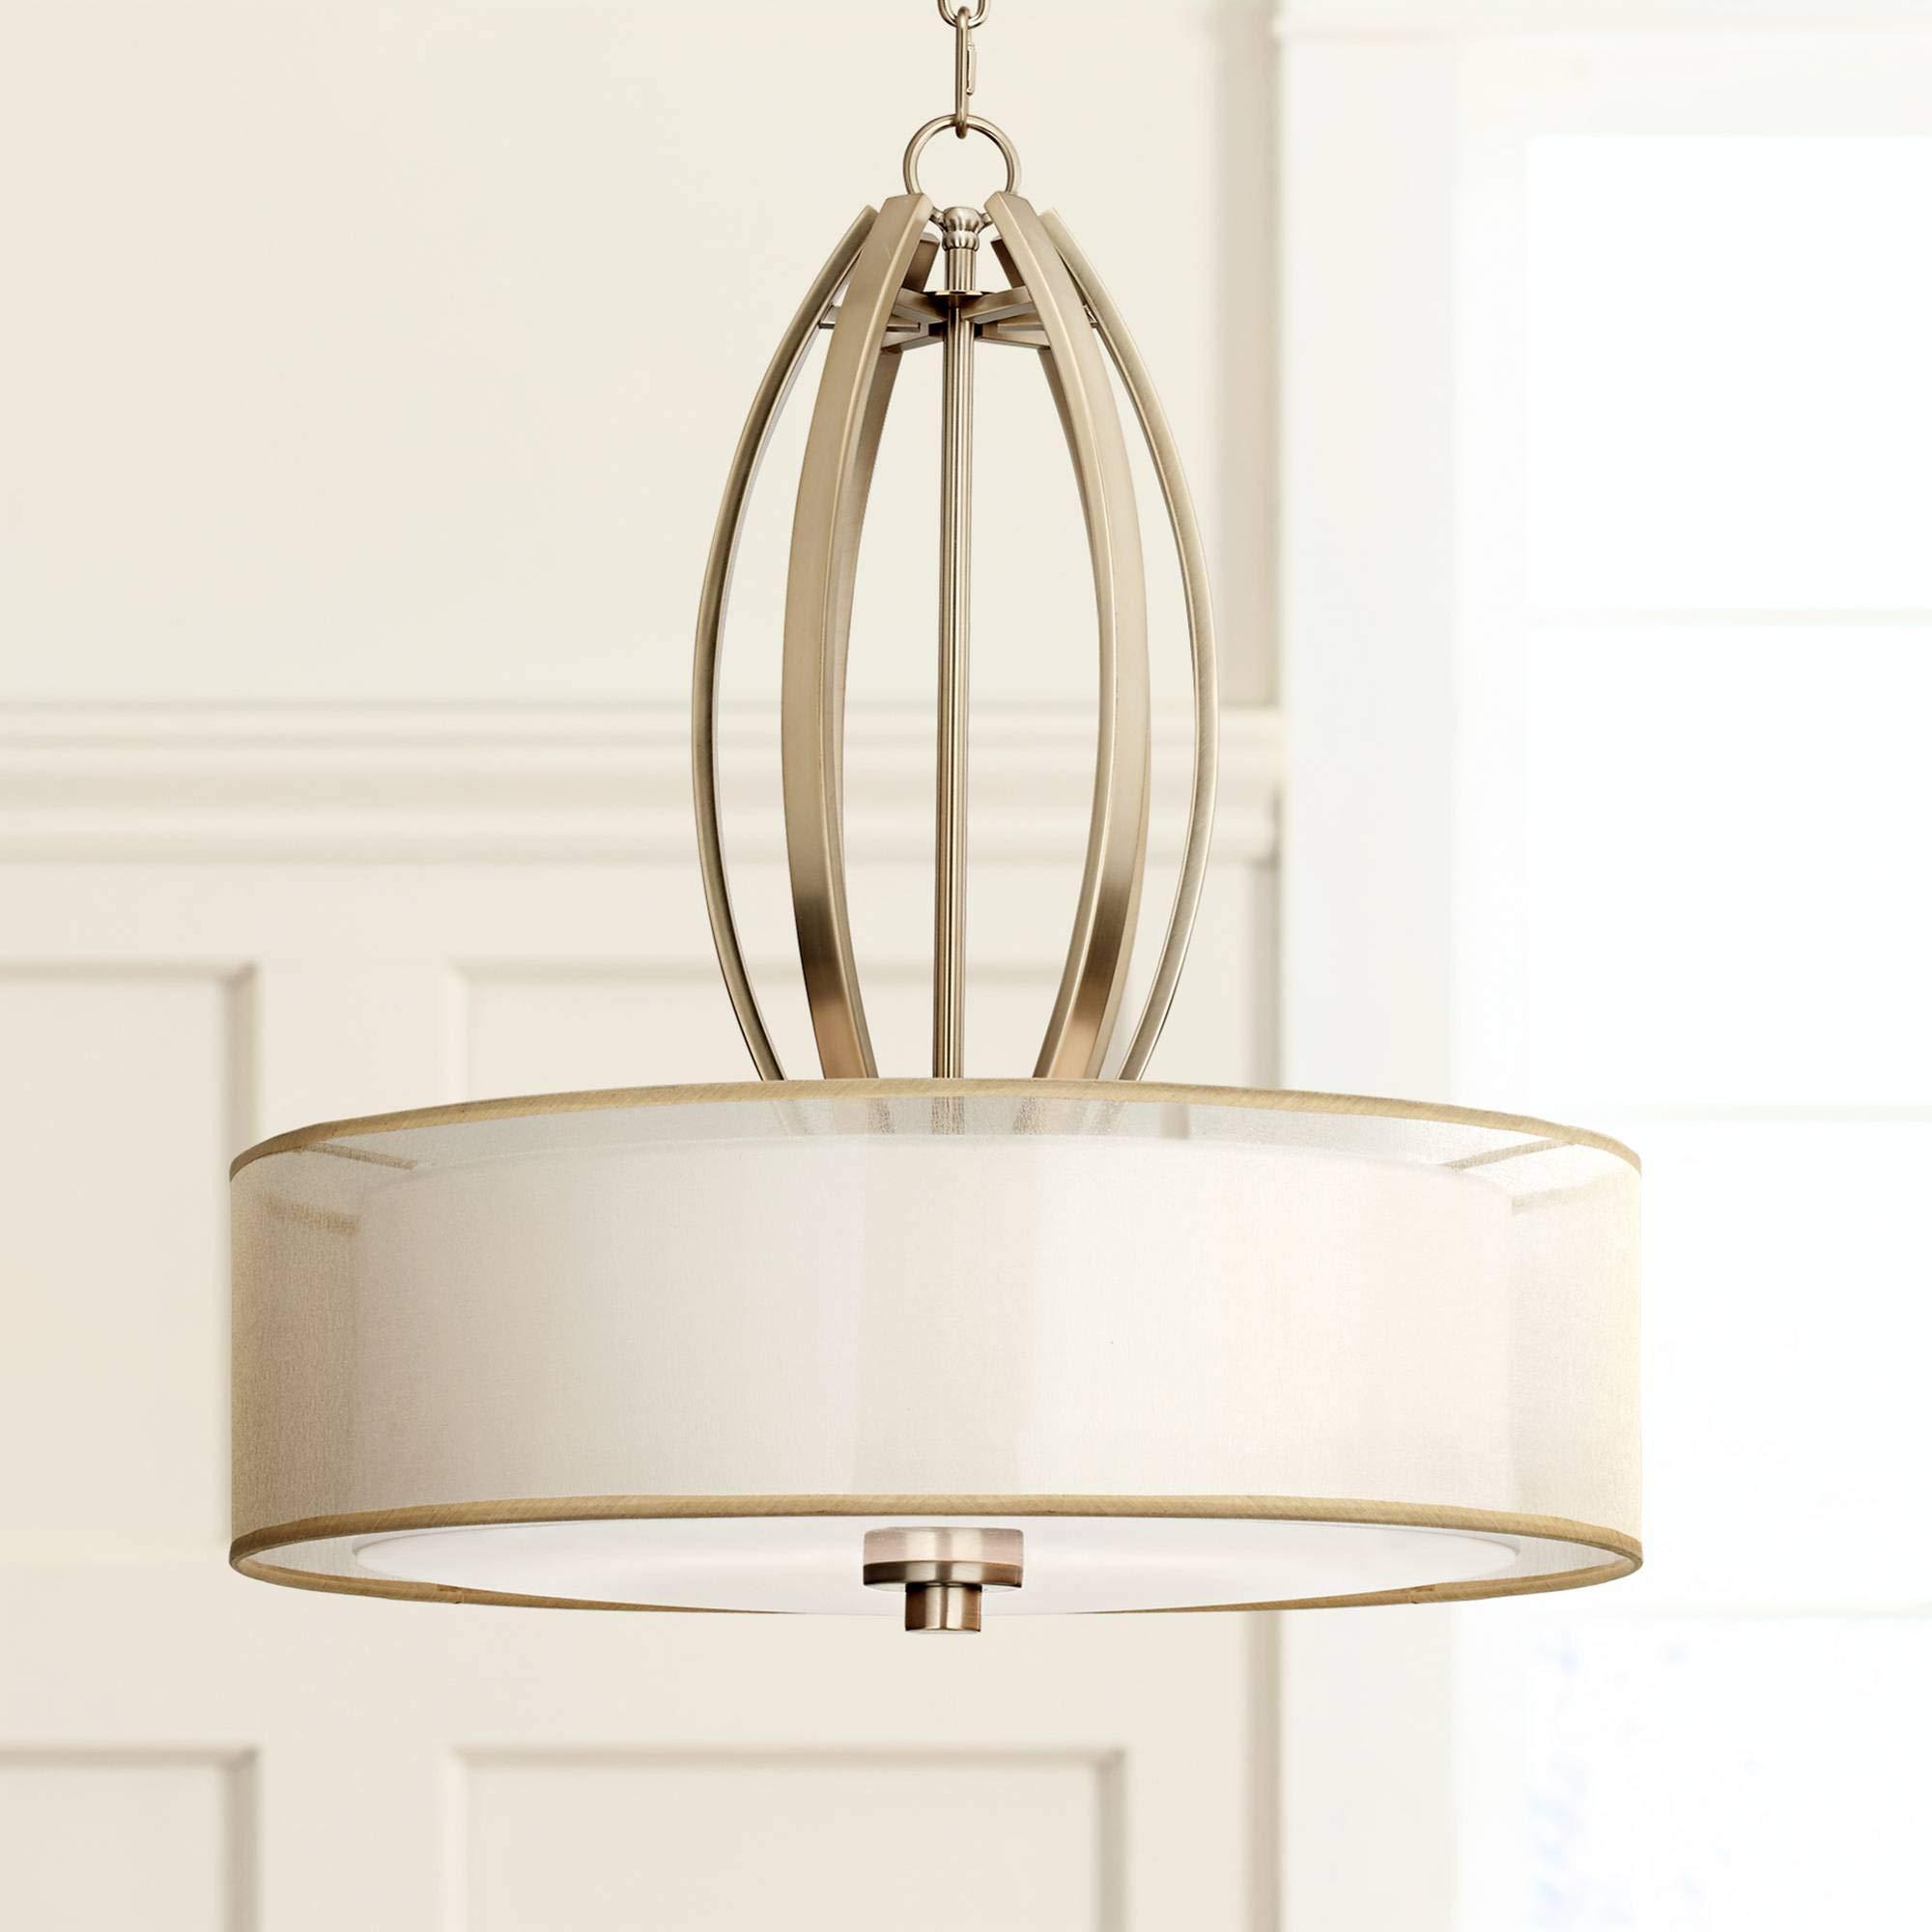 Possini Euro Alecia 22 1/2'' Wide French Gold Pendant Light - Possini Euro Design